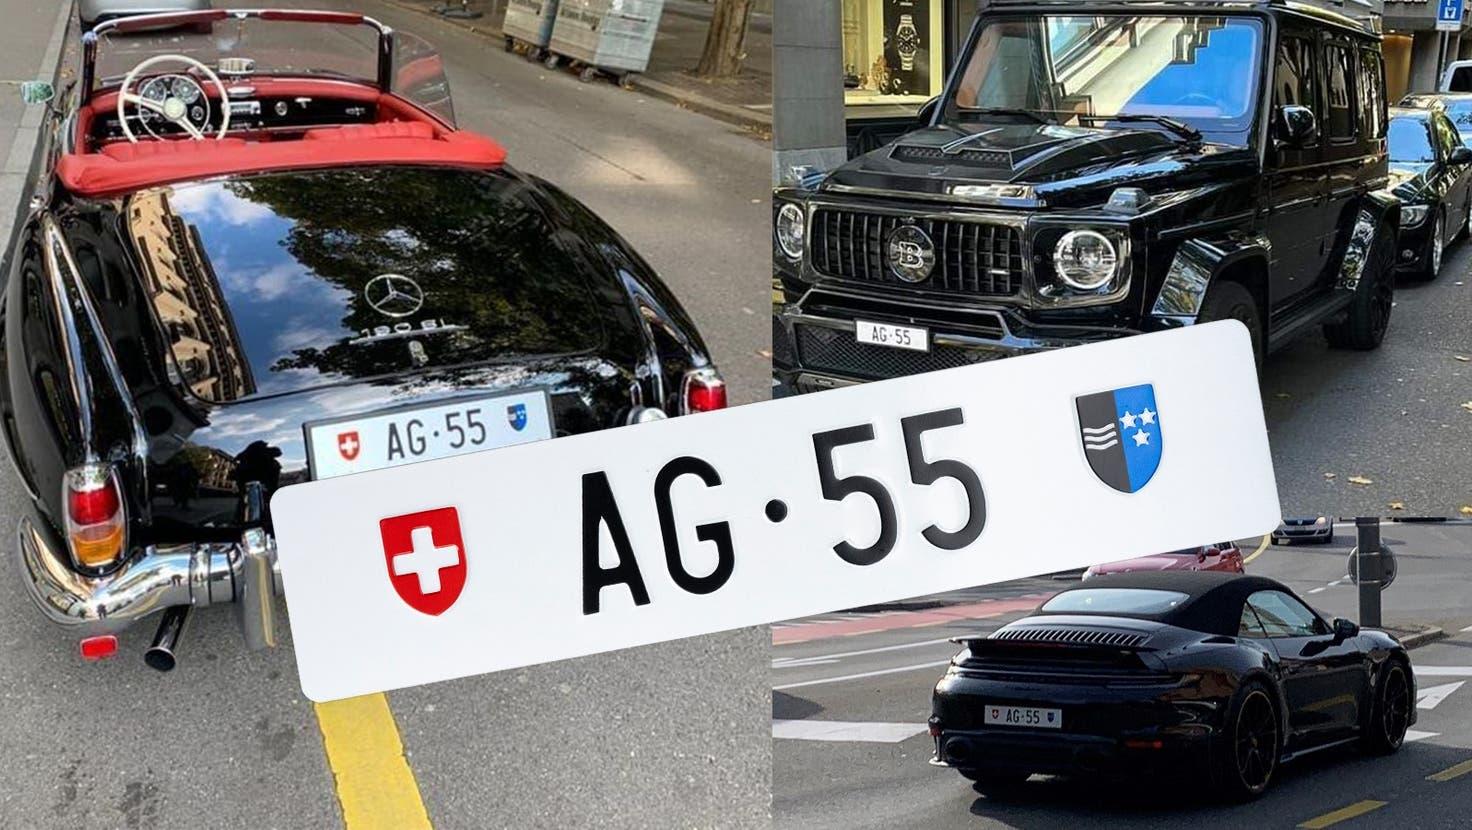 AG 55, die teuerste Aargauer Autonummer, an einem von Brabus getunten Mercedes G-Klasse. (Fisnik Kadriu / zvg)